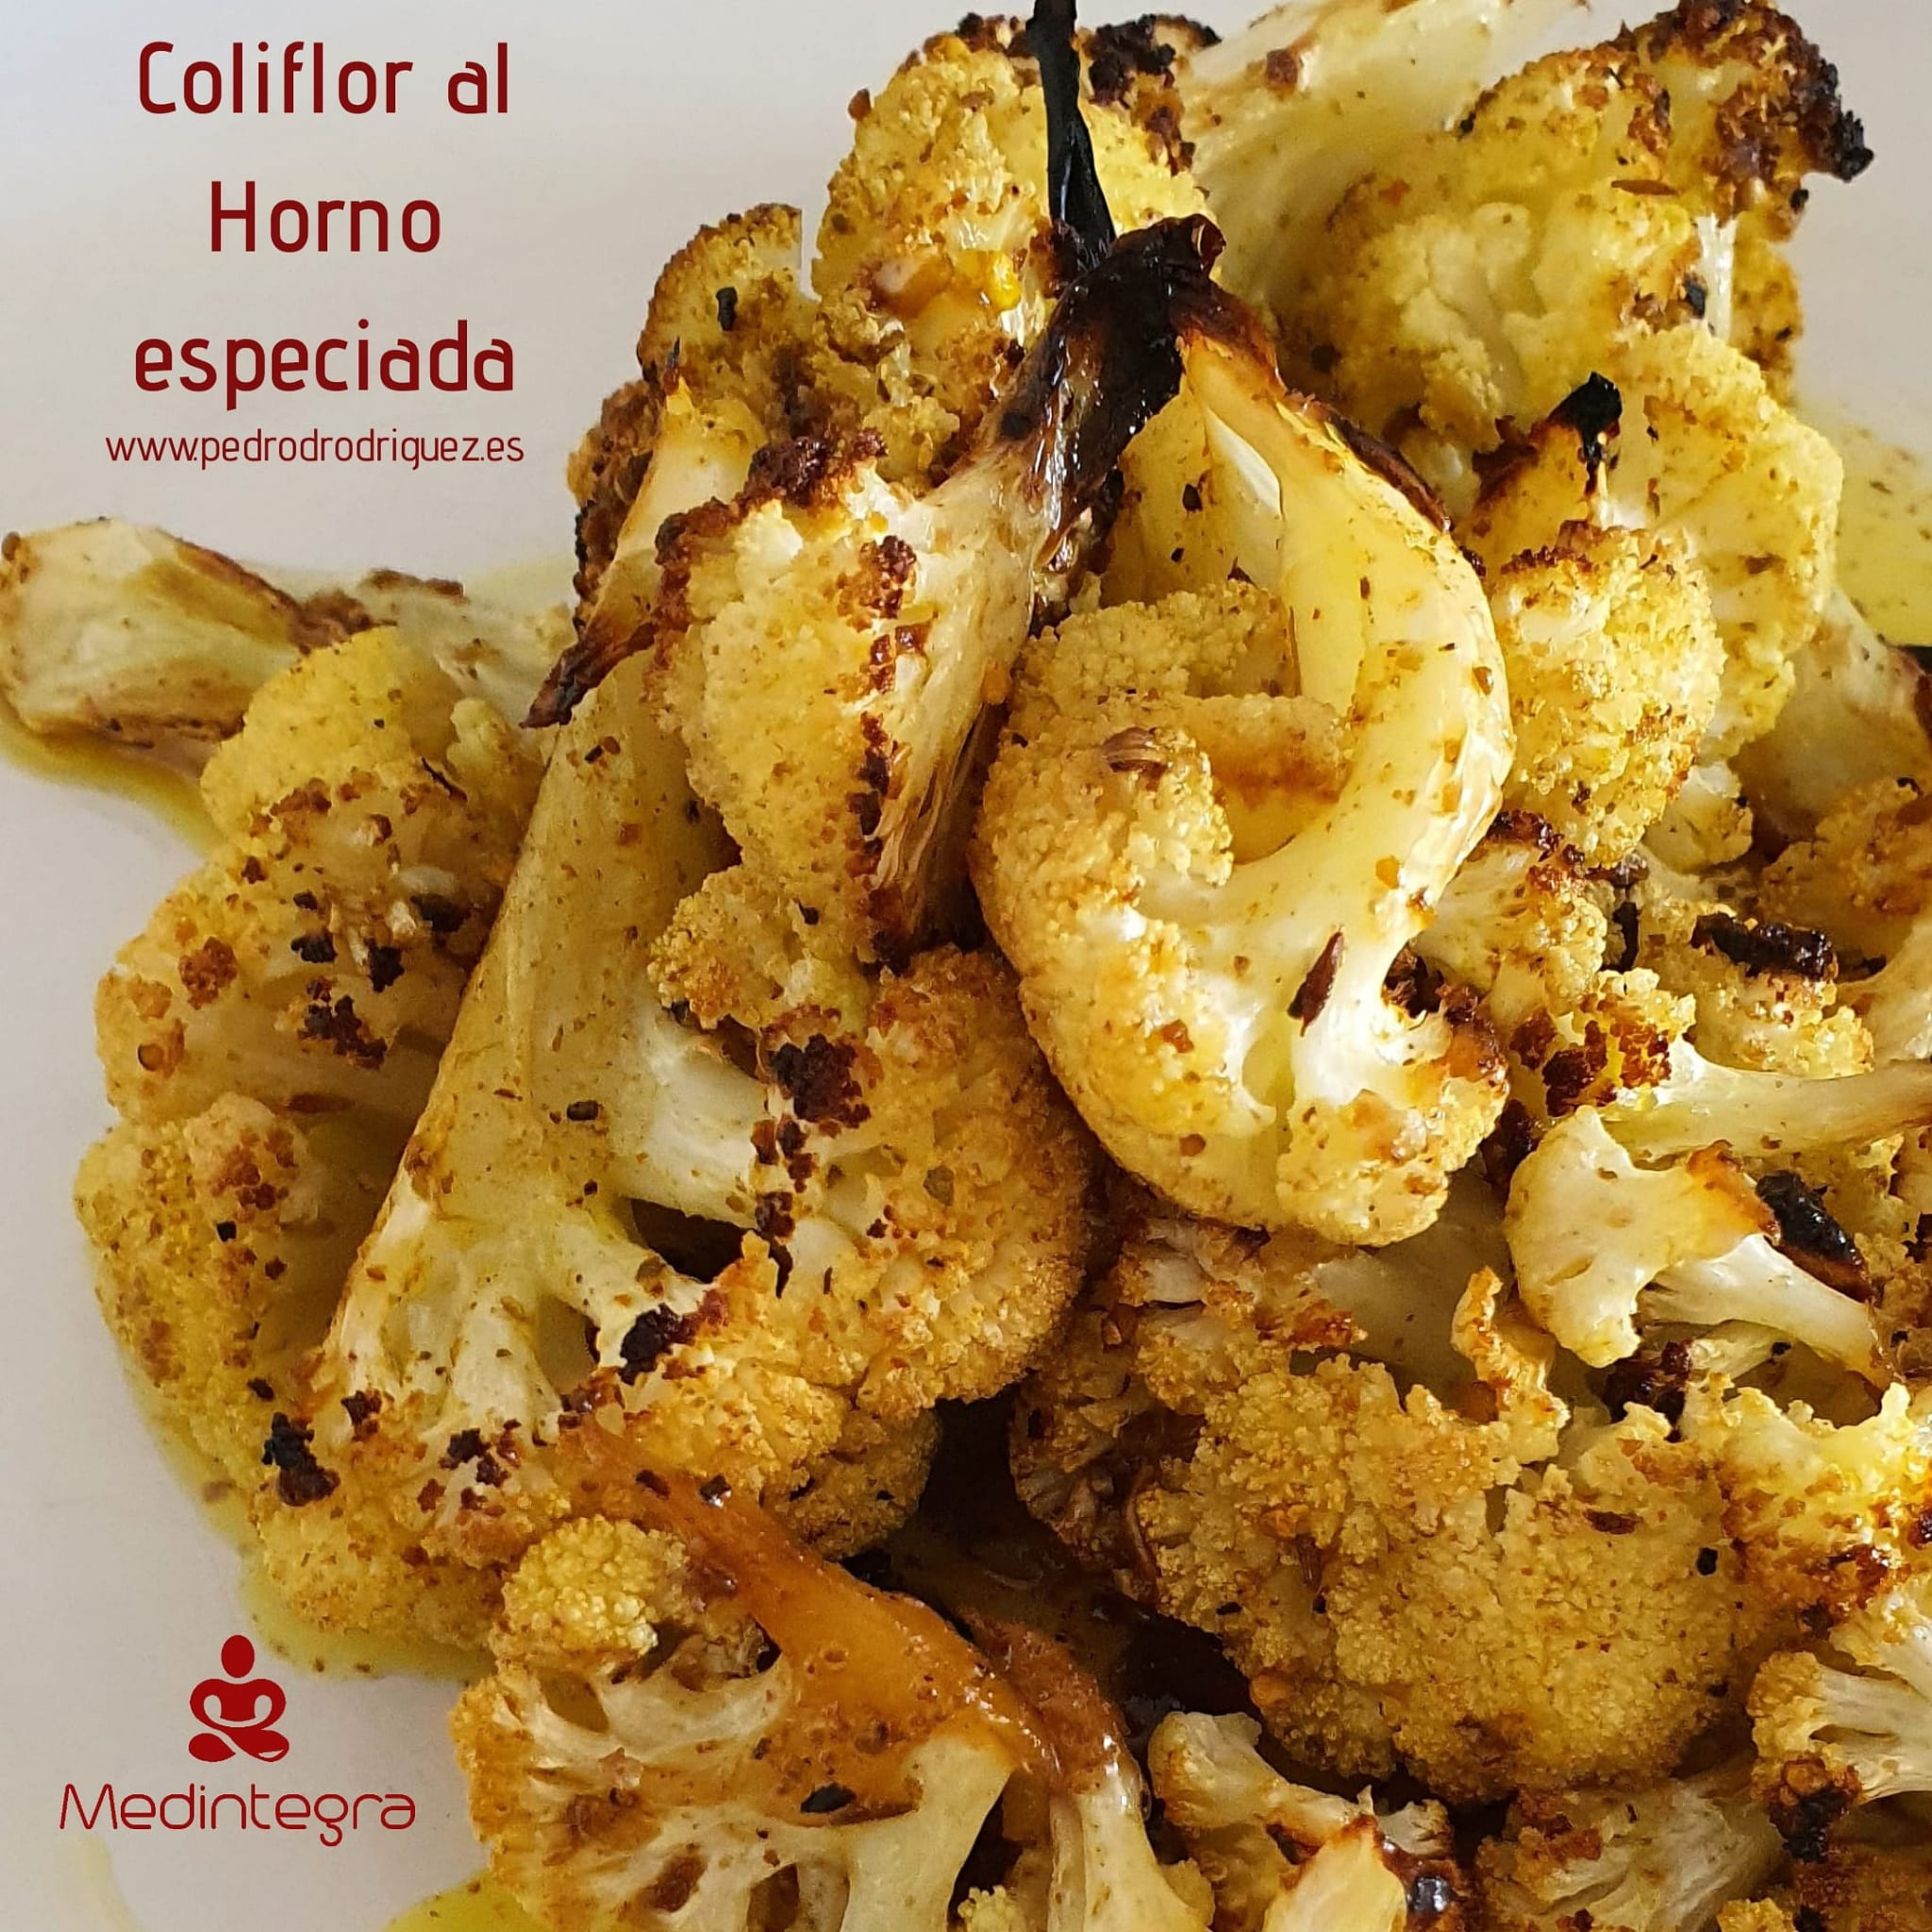 receta de coliflor al horno